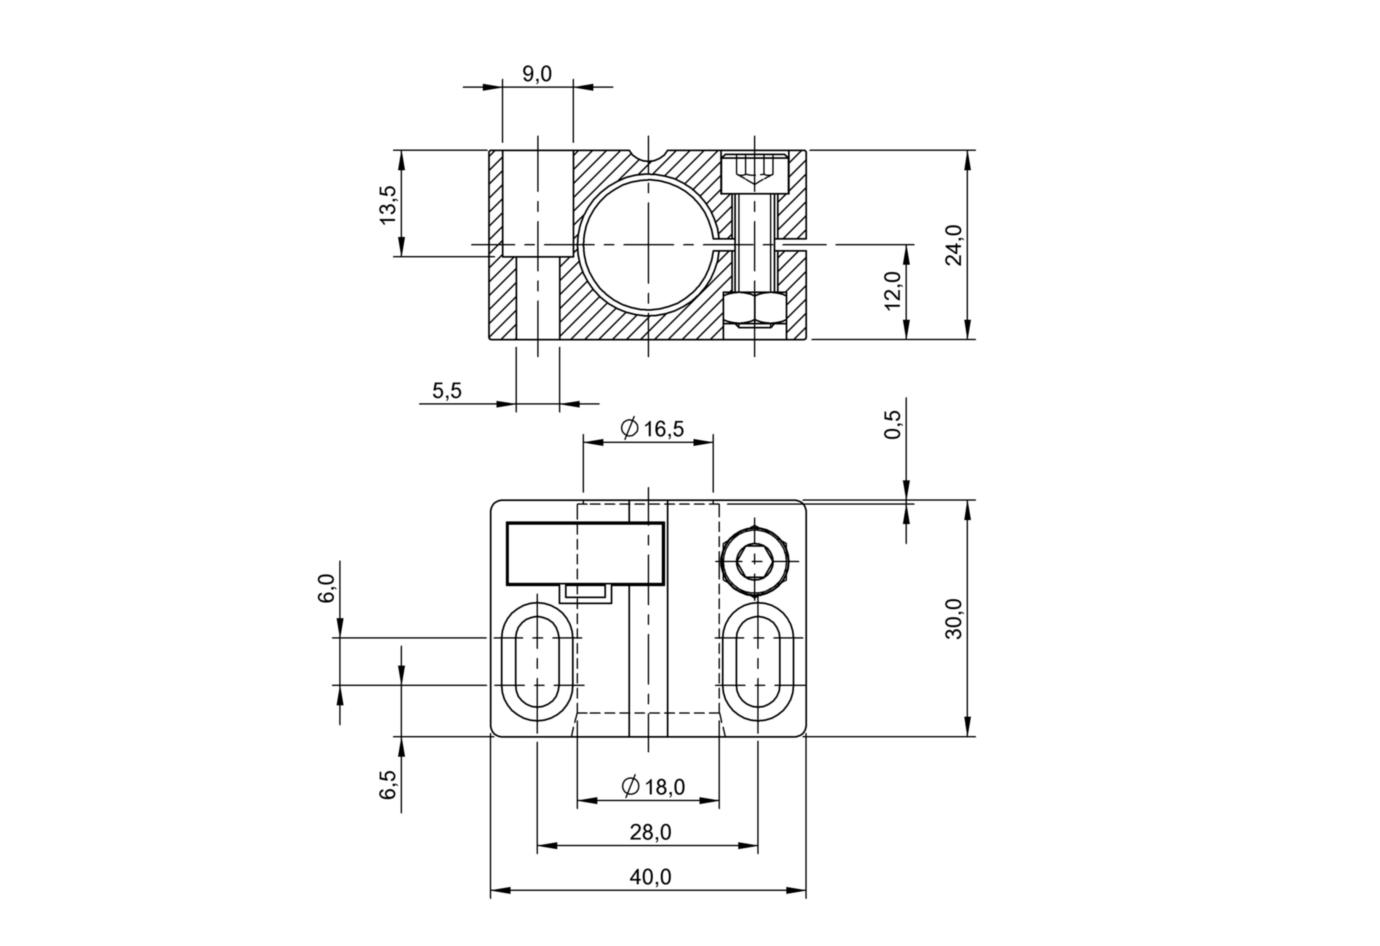 BALLUFF Klemmbock avec rotule bam00t3 Bos 18,0-kb-1 pour capteurs m18